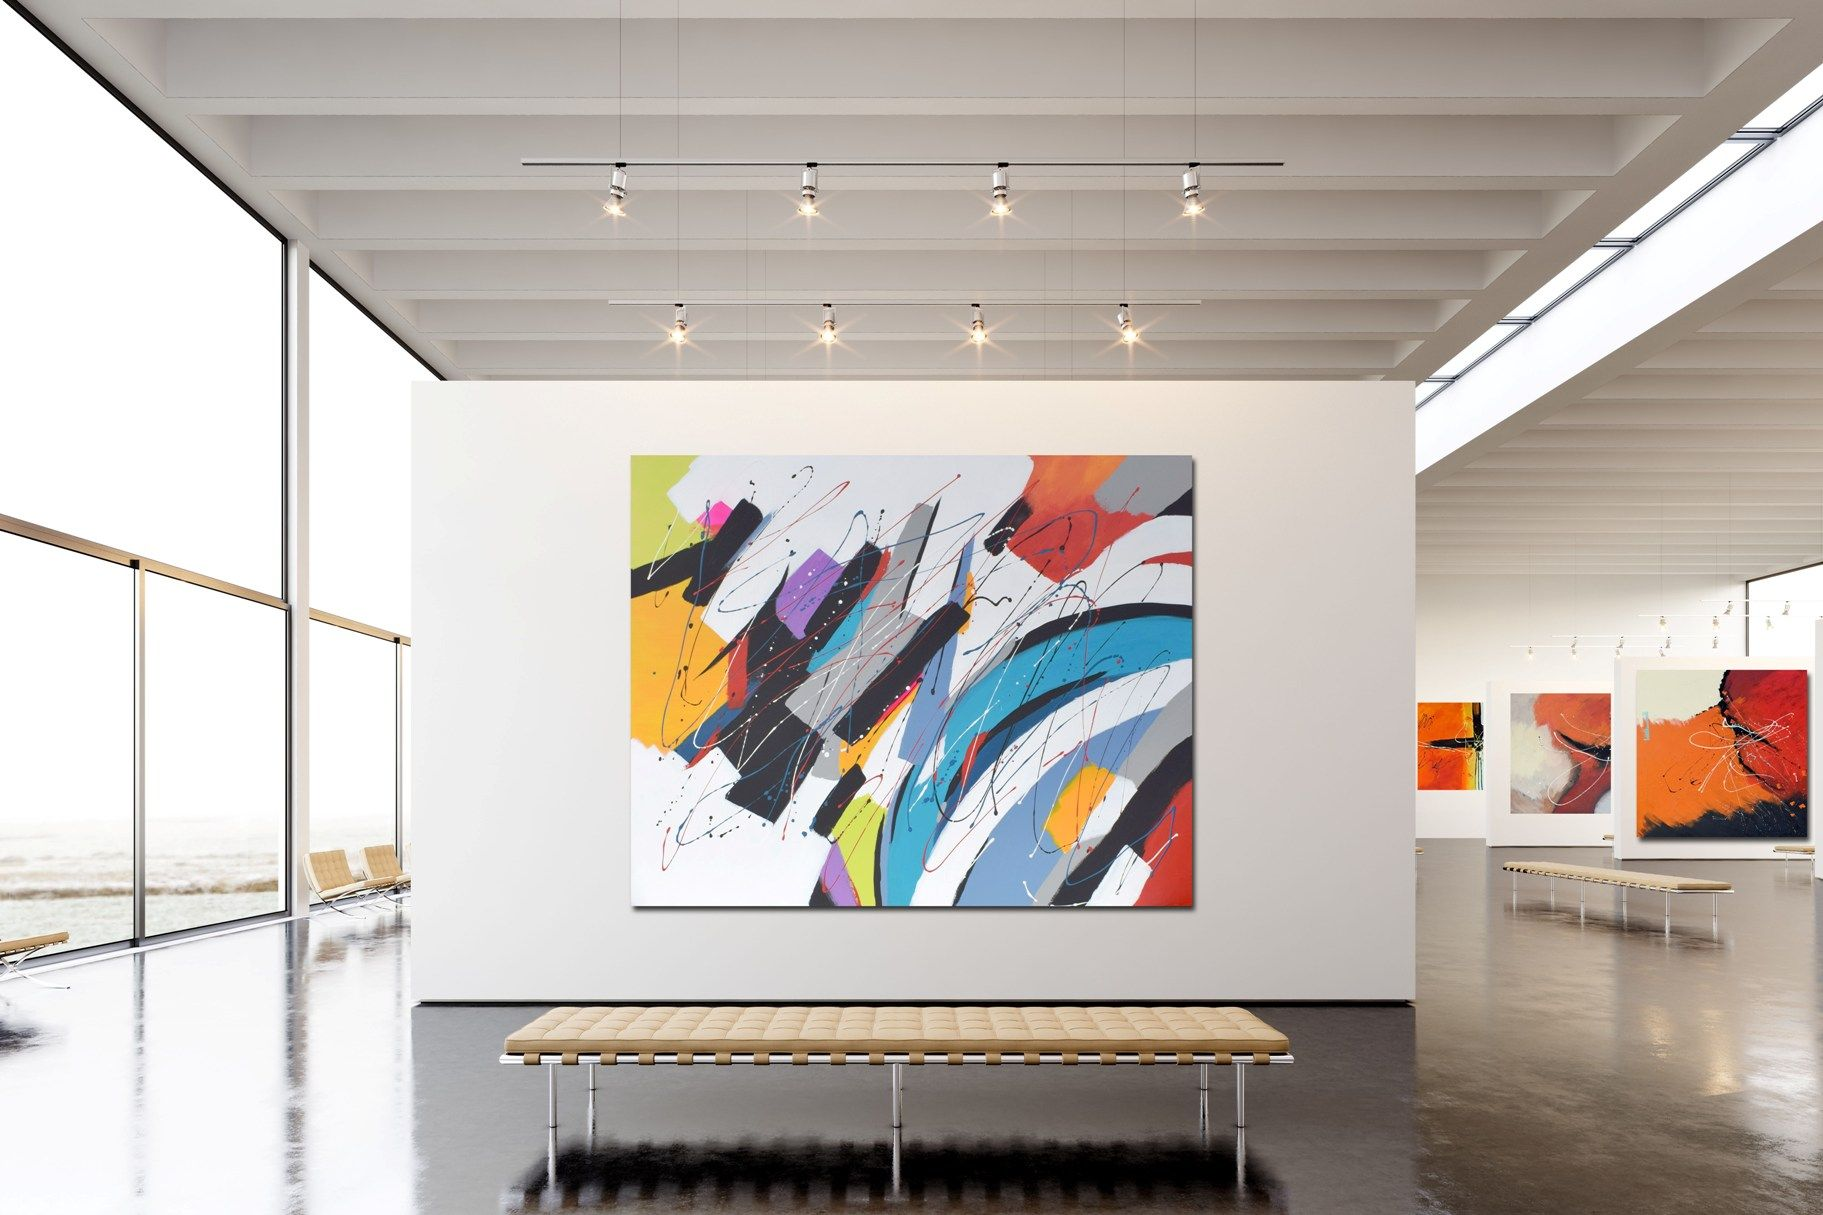 abstrakte kunst online kaufen moderne abstrakt portraits künstler bilder schwarz weiß